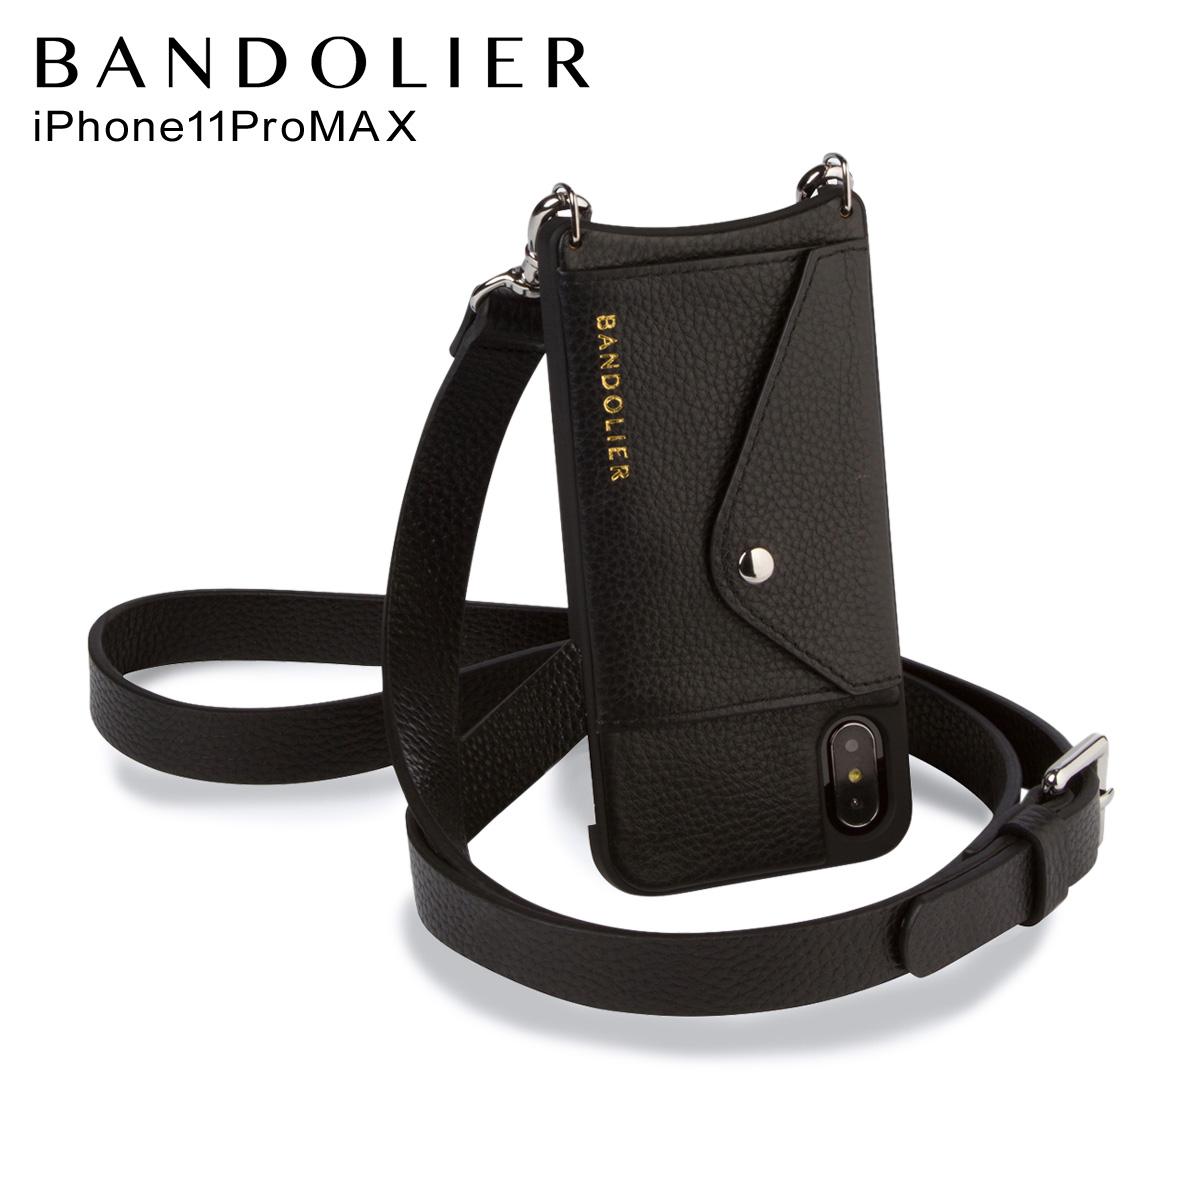 バンドリヤー BANDOLIER ヘイリー サイドスロット シルバー iPhone11 Pro MAX ケース スマホ 携帯 メンズ レディース HAILEY SIDE SLOT SILVER ブラック 黒 14HAI [3/18 新入荷]